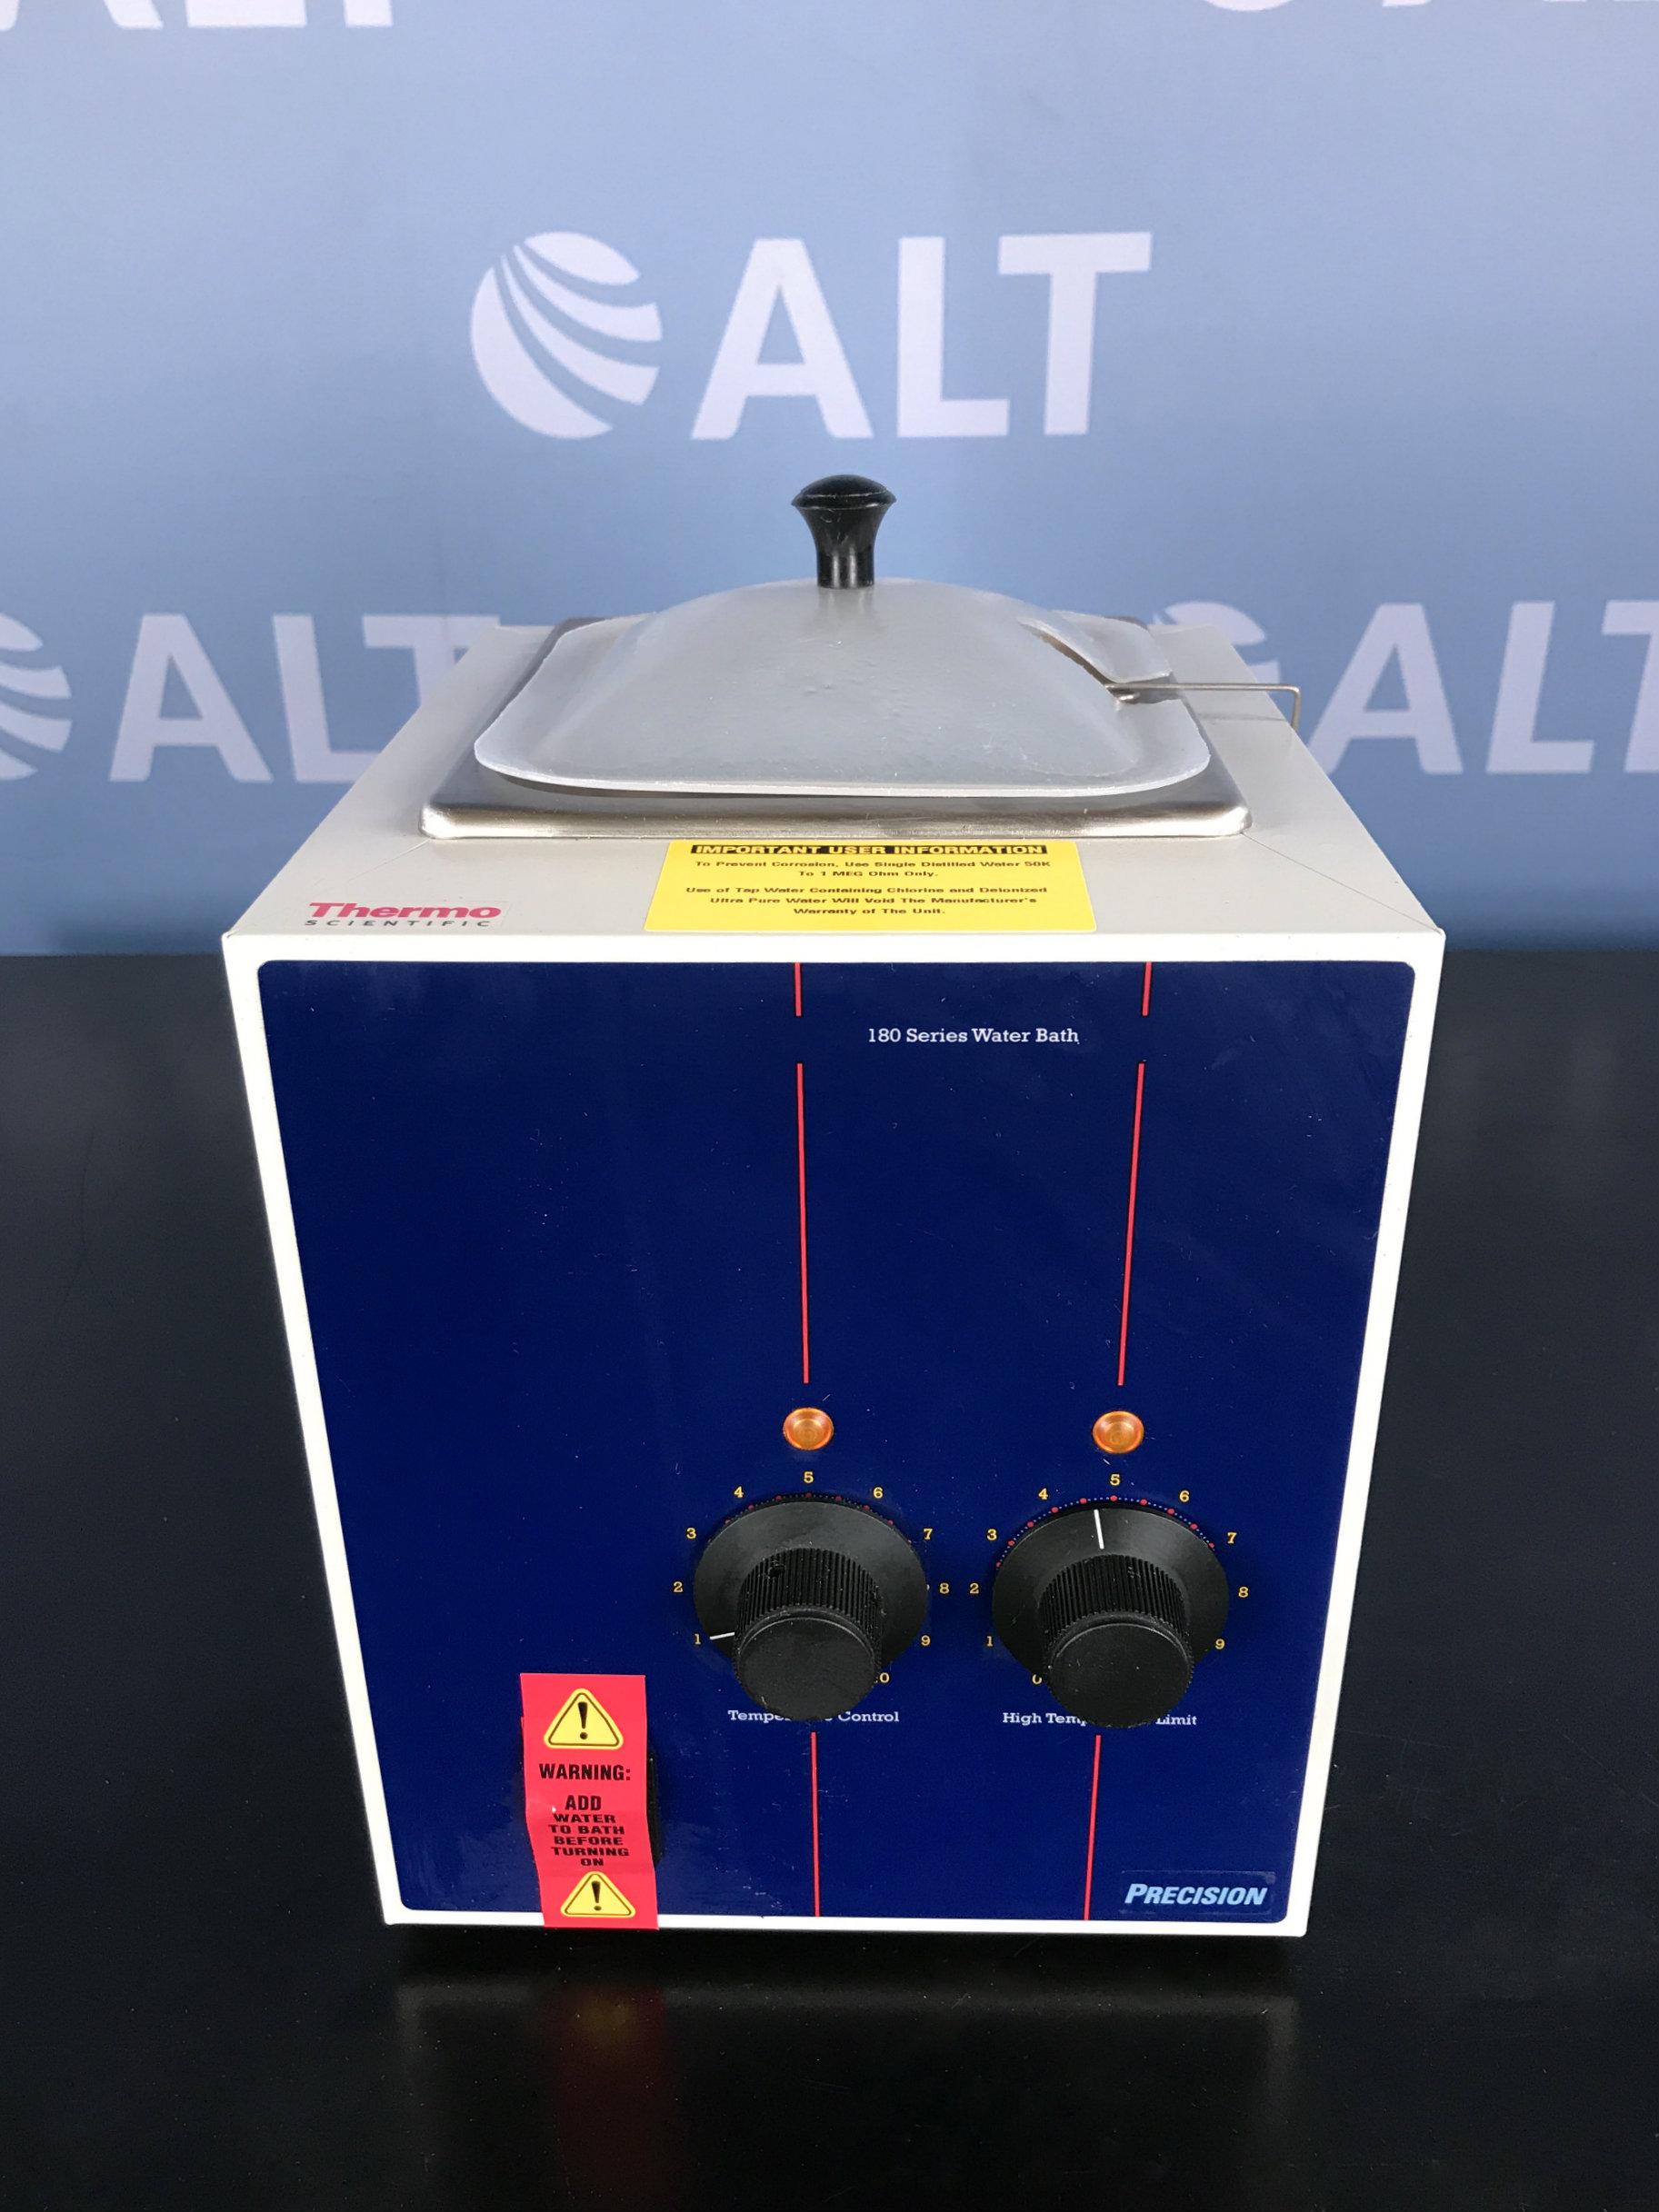 Thermo Scientific Precision Water Bath 180 Series Image